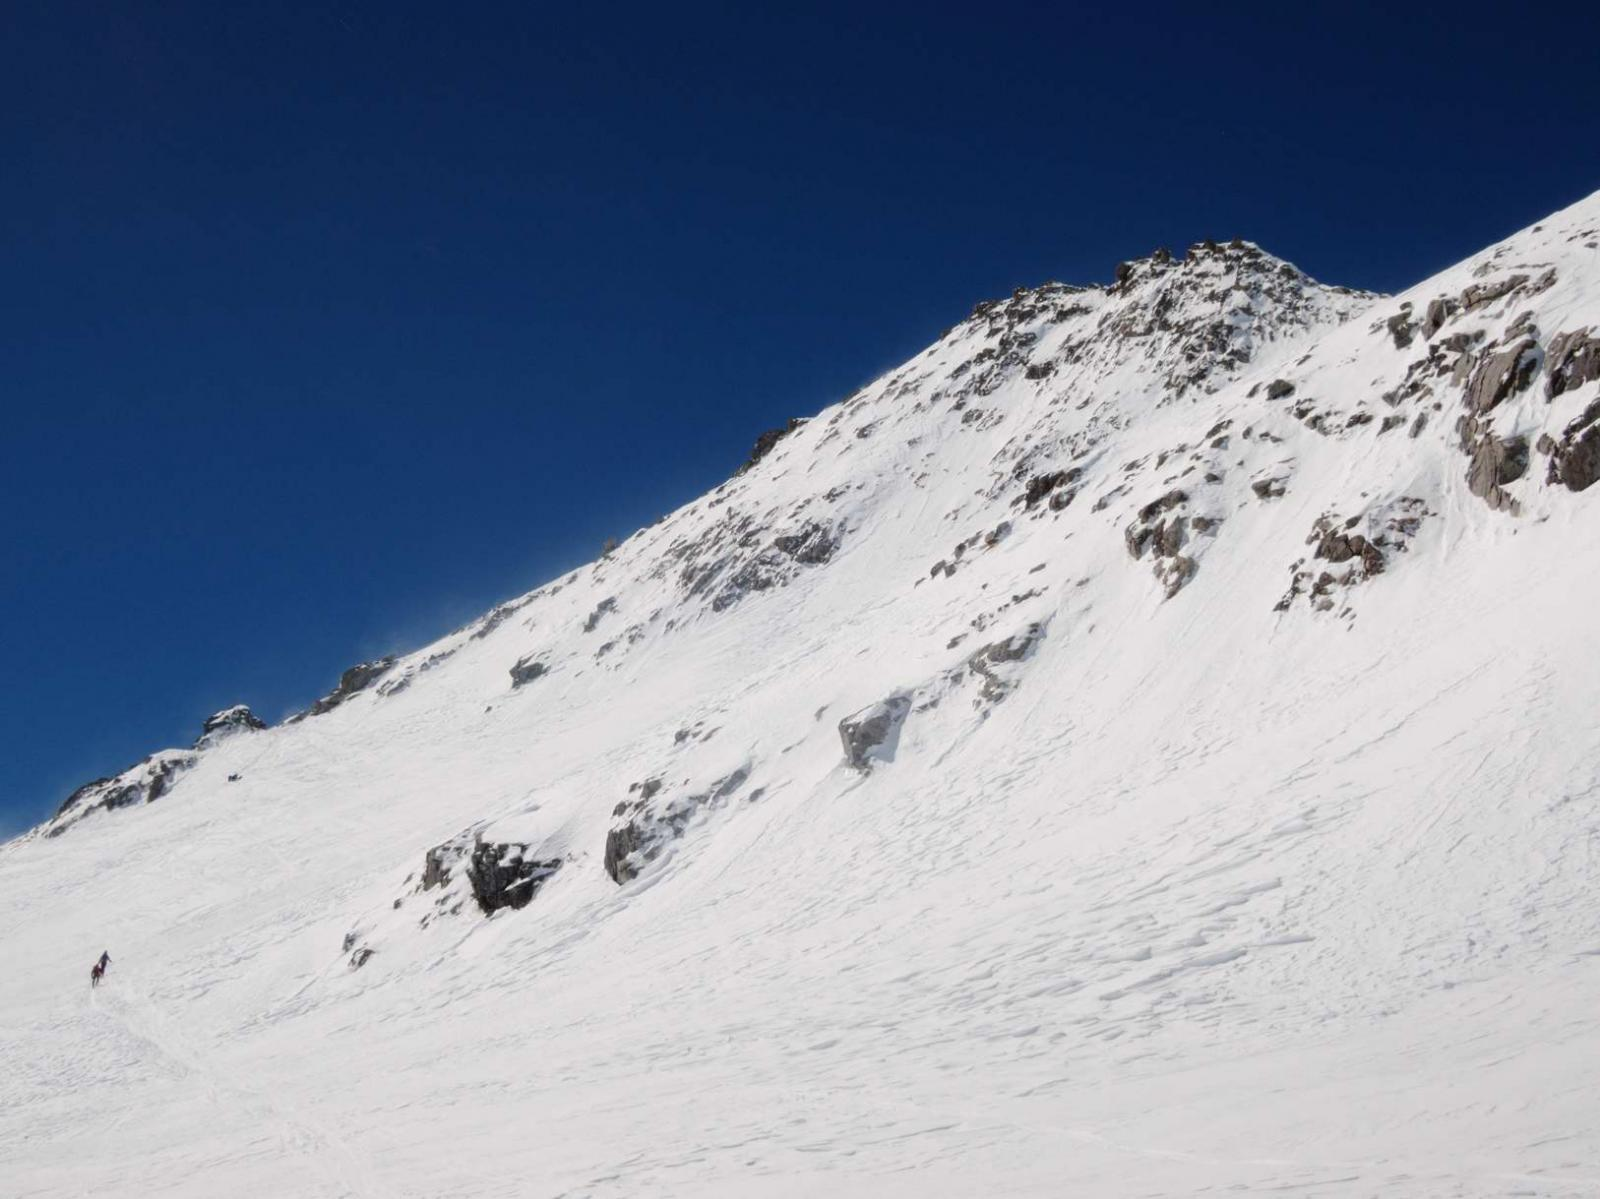 Basodino e ultimo tratto di ghiacciaio